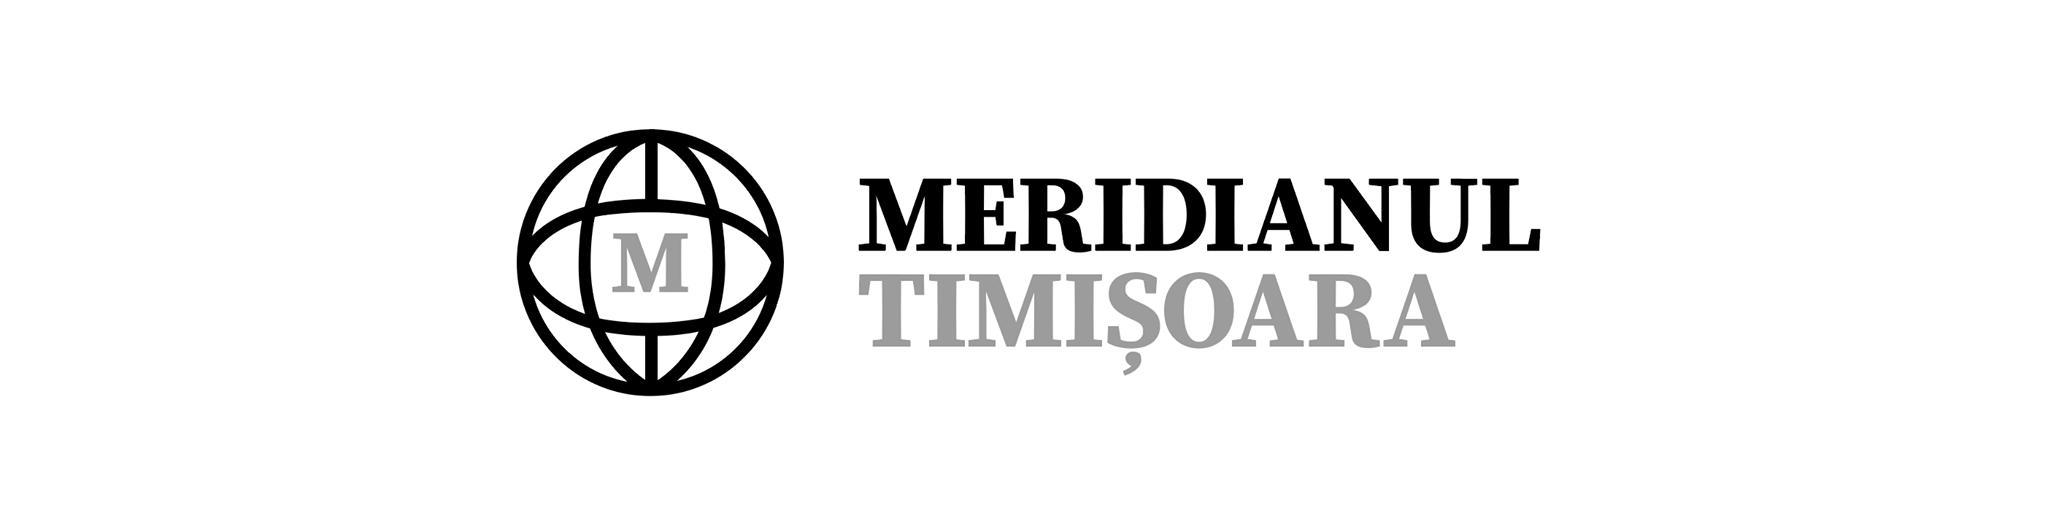 Meridianul Timisoara